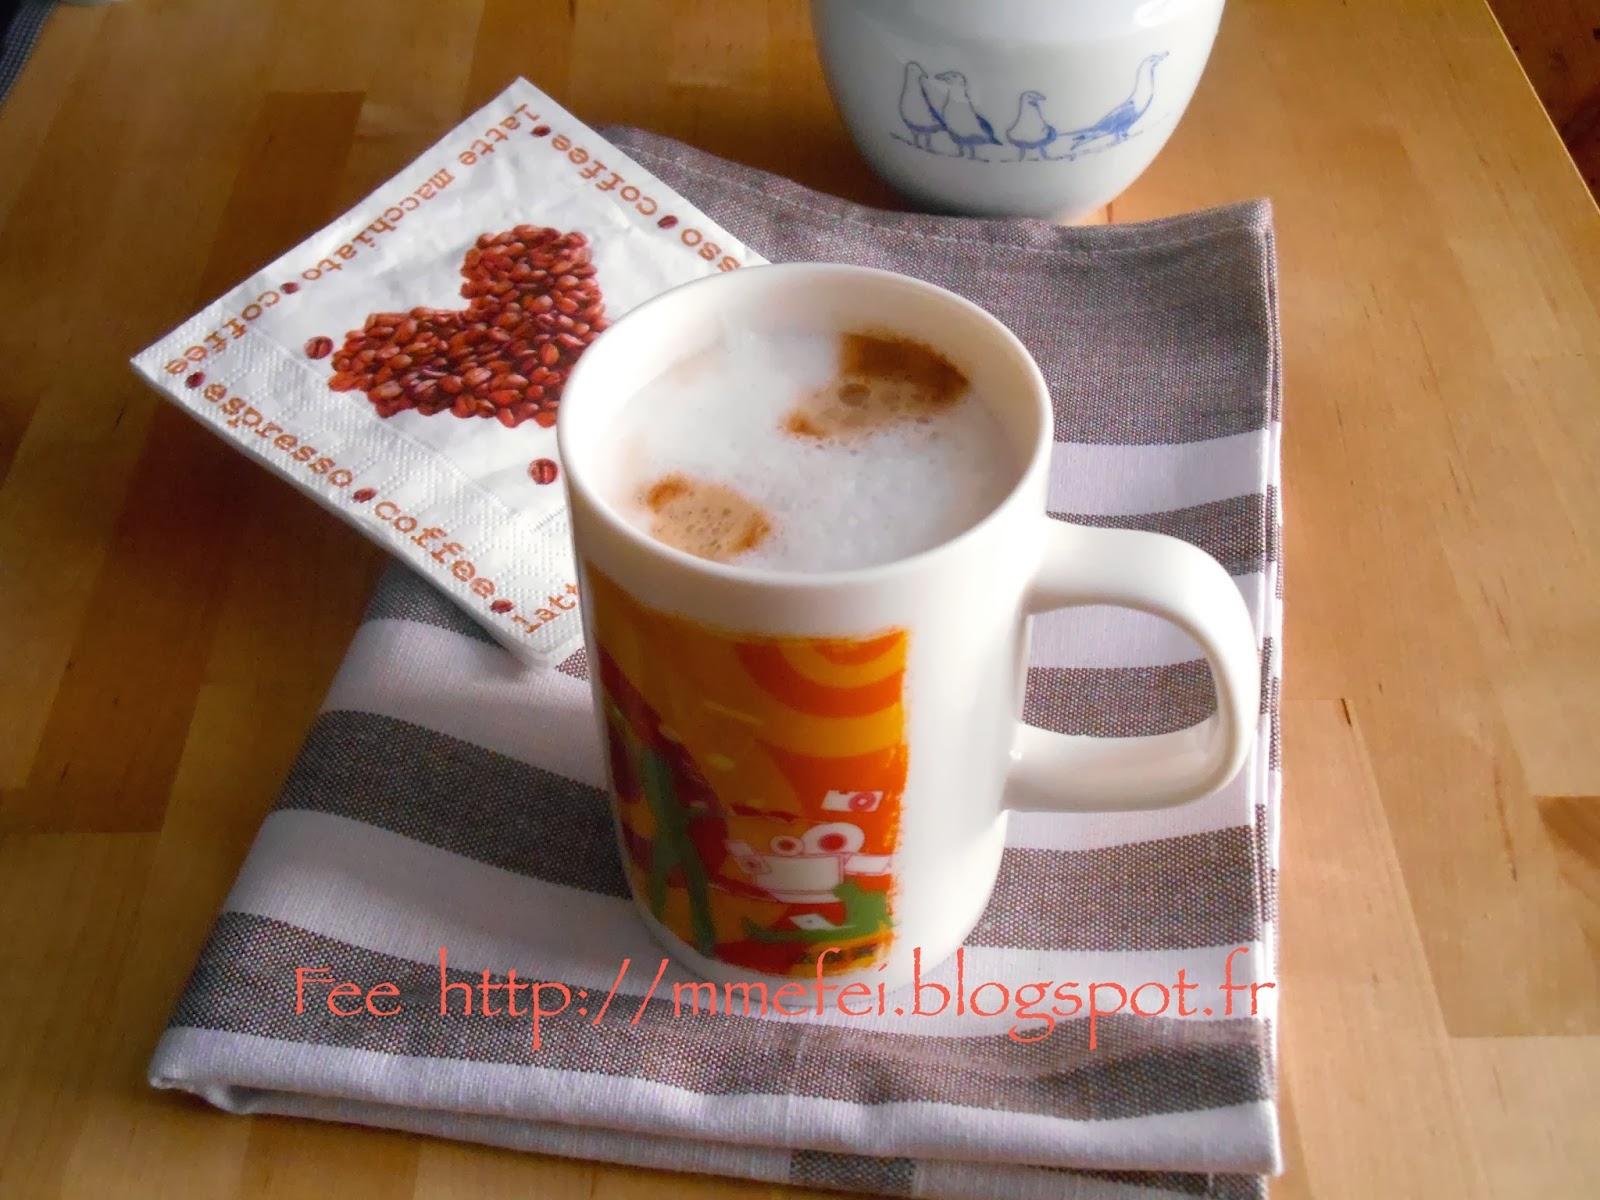 fee kitchen comment faire mousser le lait pour un cappuccino ou caf latt. Black Bedroom Furniture Sets. Home Design Ideas